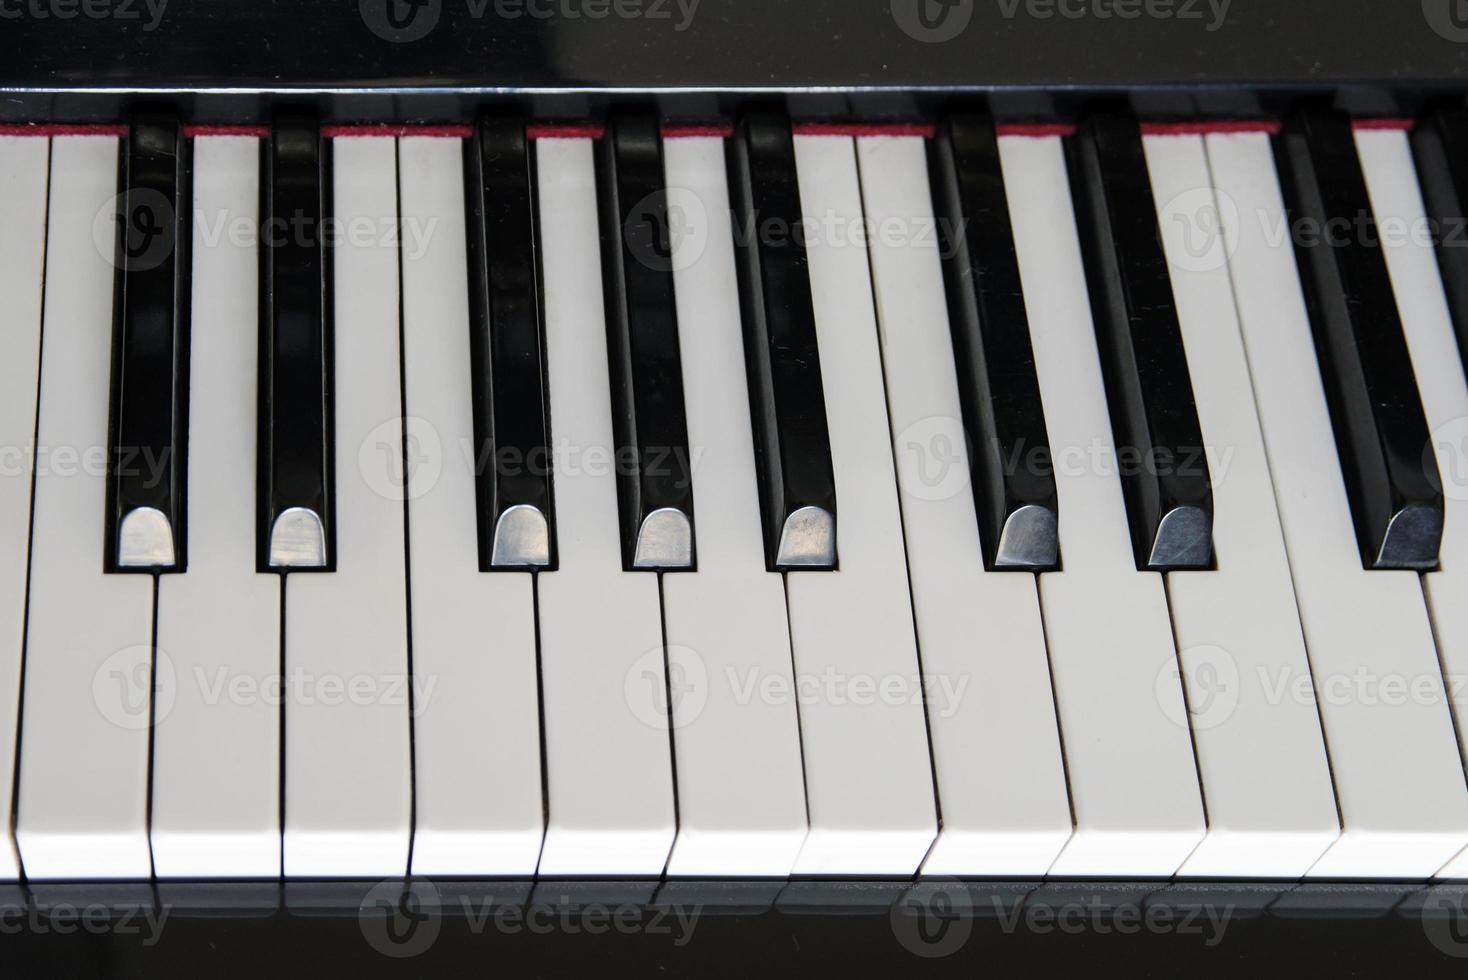 teclas de piano de close-up. foto